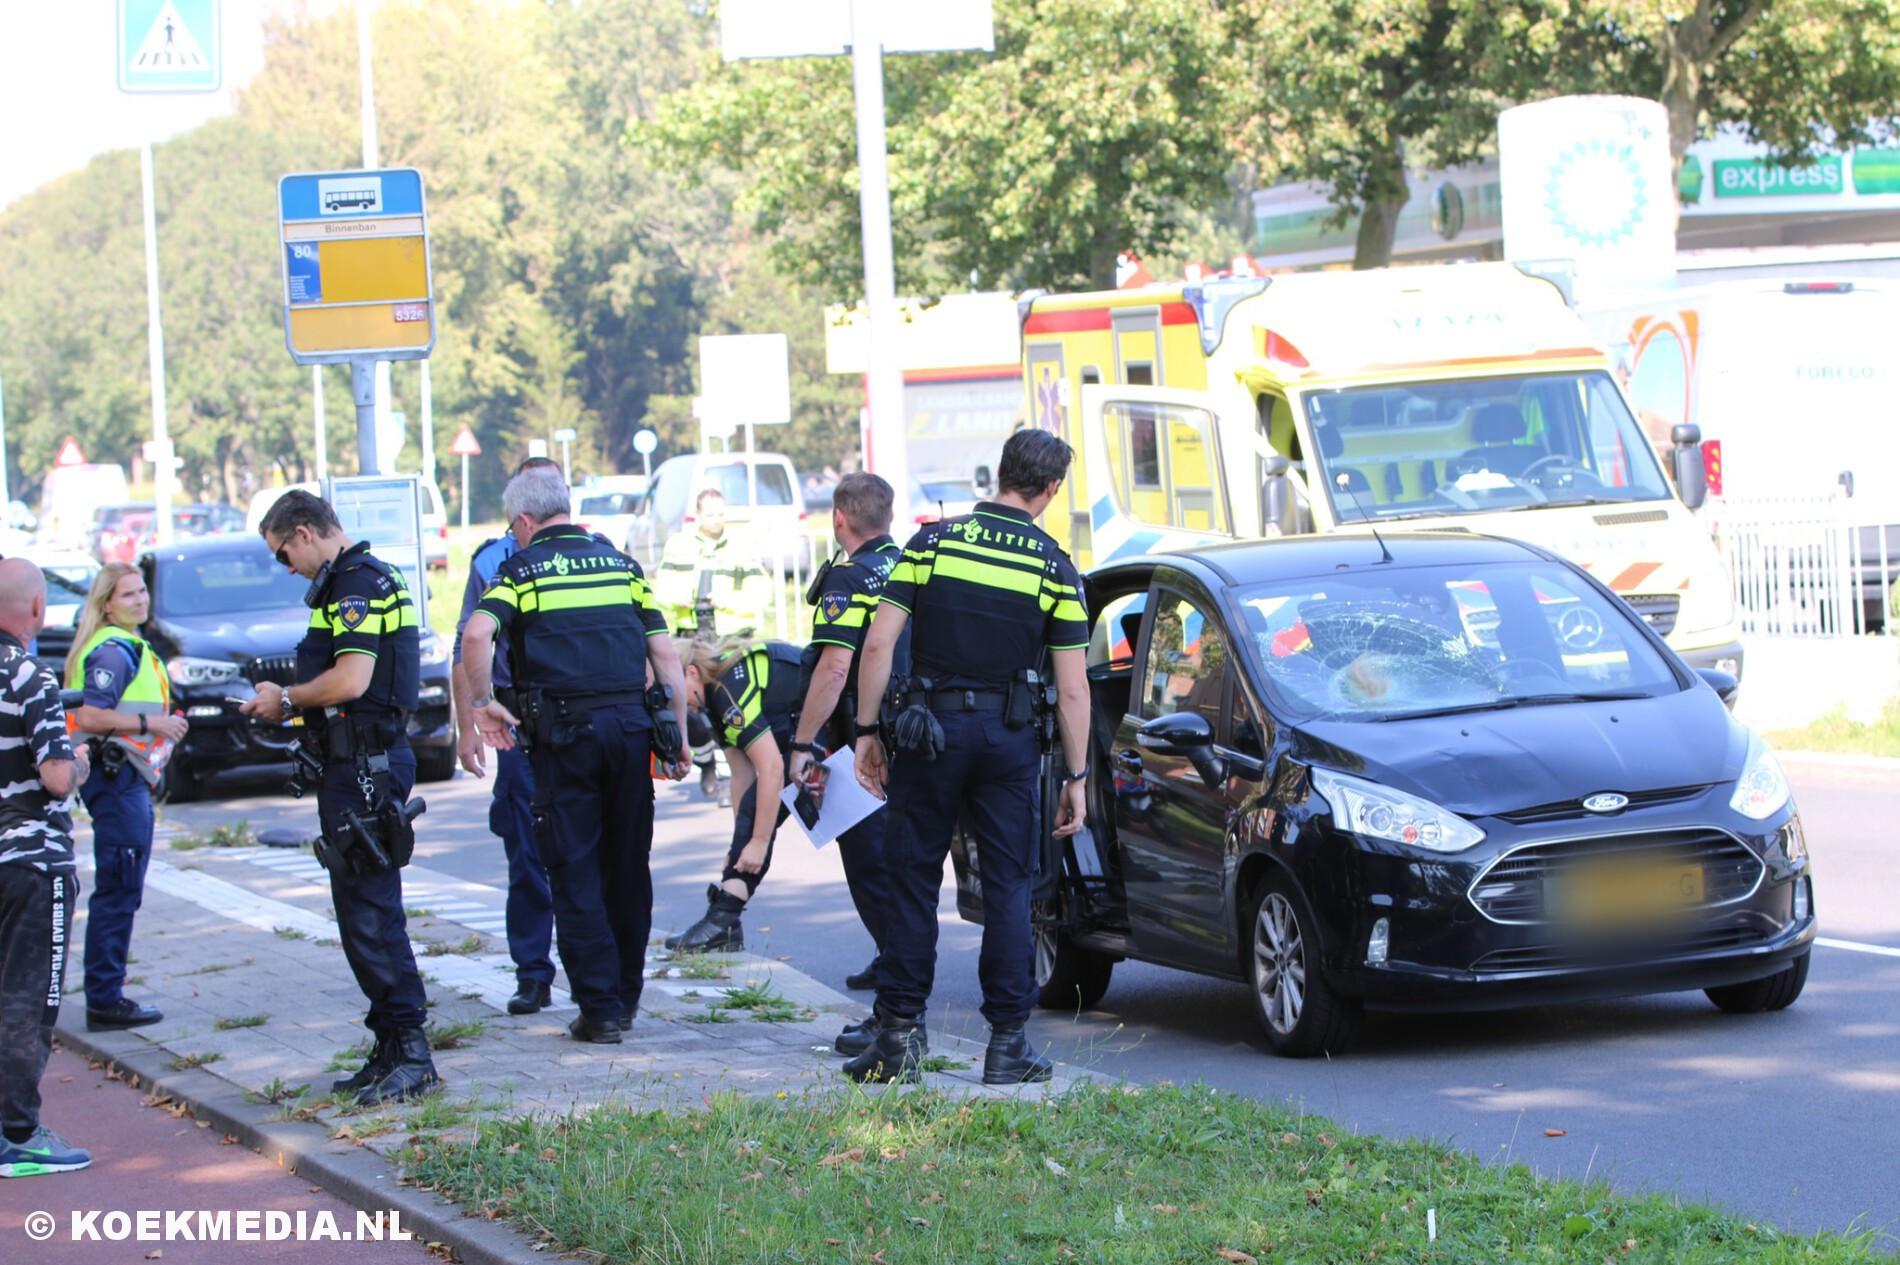 Voetganger in zorgwekkende toestand naar ziekenhuis na aanrijding op zebrapad